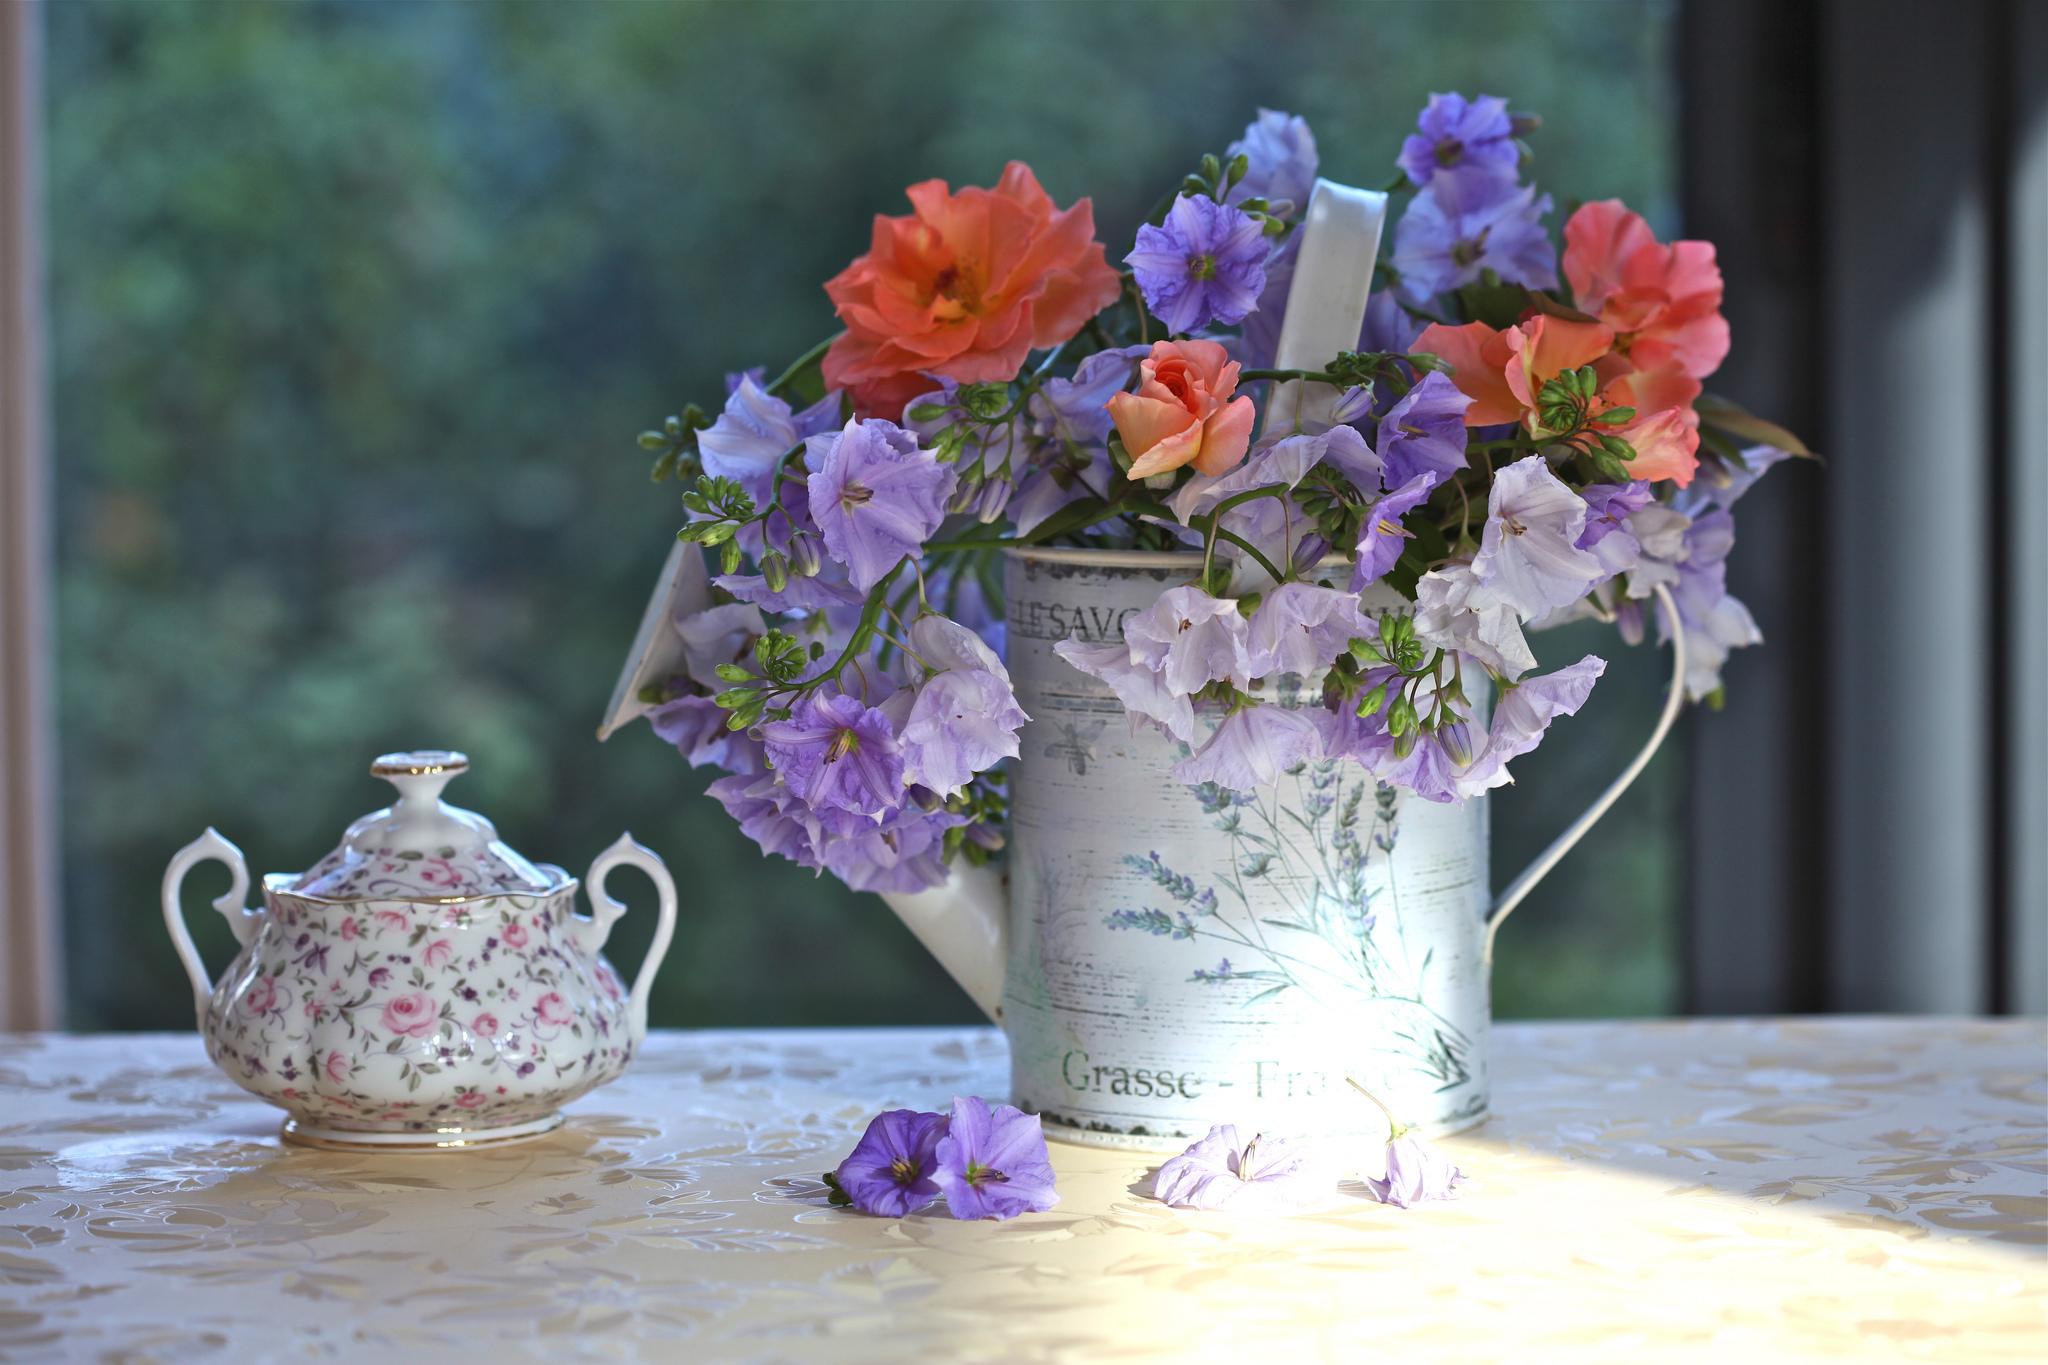 цветы ваза букет посуда flowers vase bouquet dishes  № 1733806 без смс